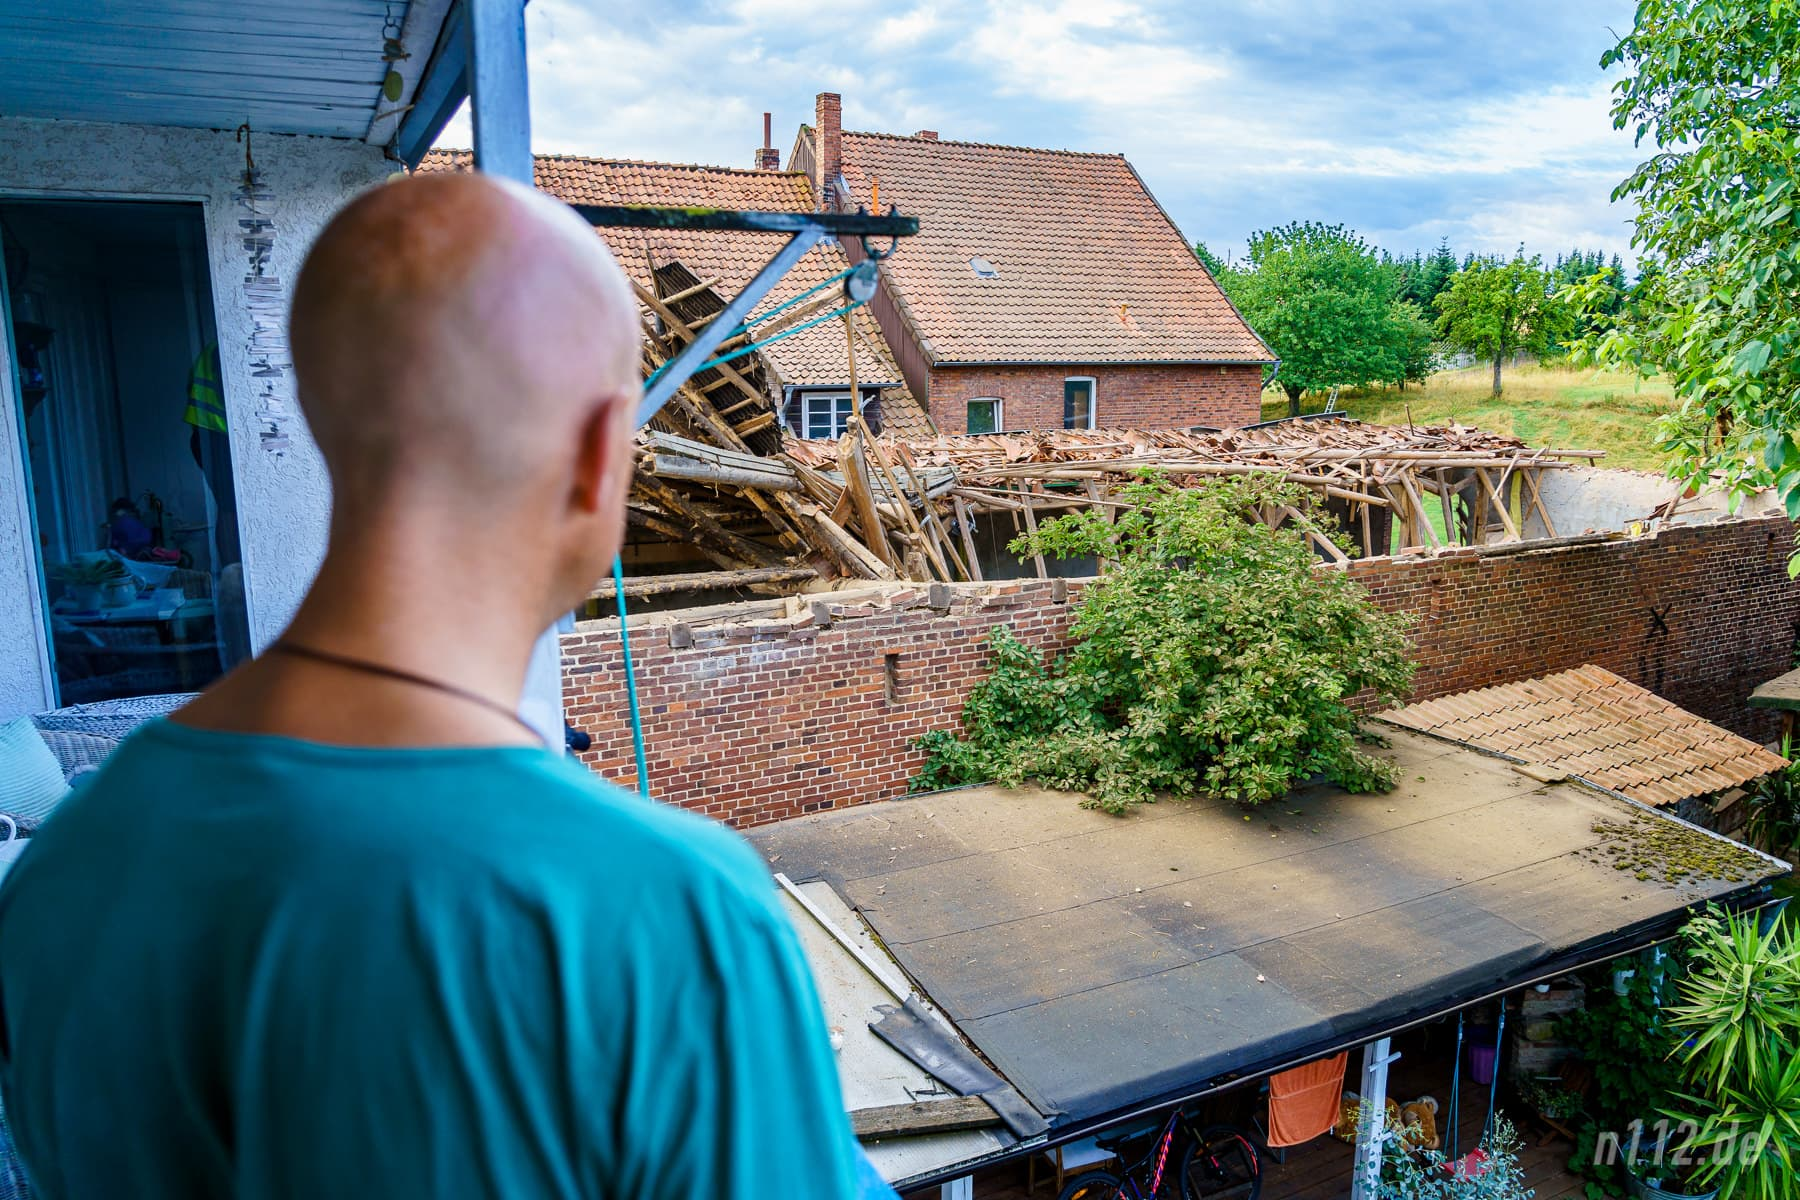 Ein Anwohner blickt auf das eingestürzte Dach, das schon zwei Tage lang ungewöhnliche Geräusche von sich gegeben haben soll (Foto: n112.de/Stefan Simonsen)